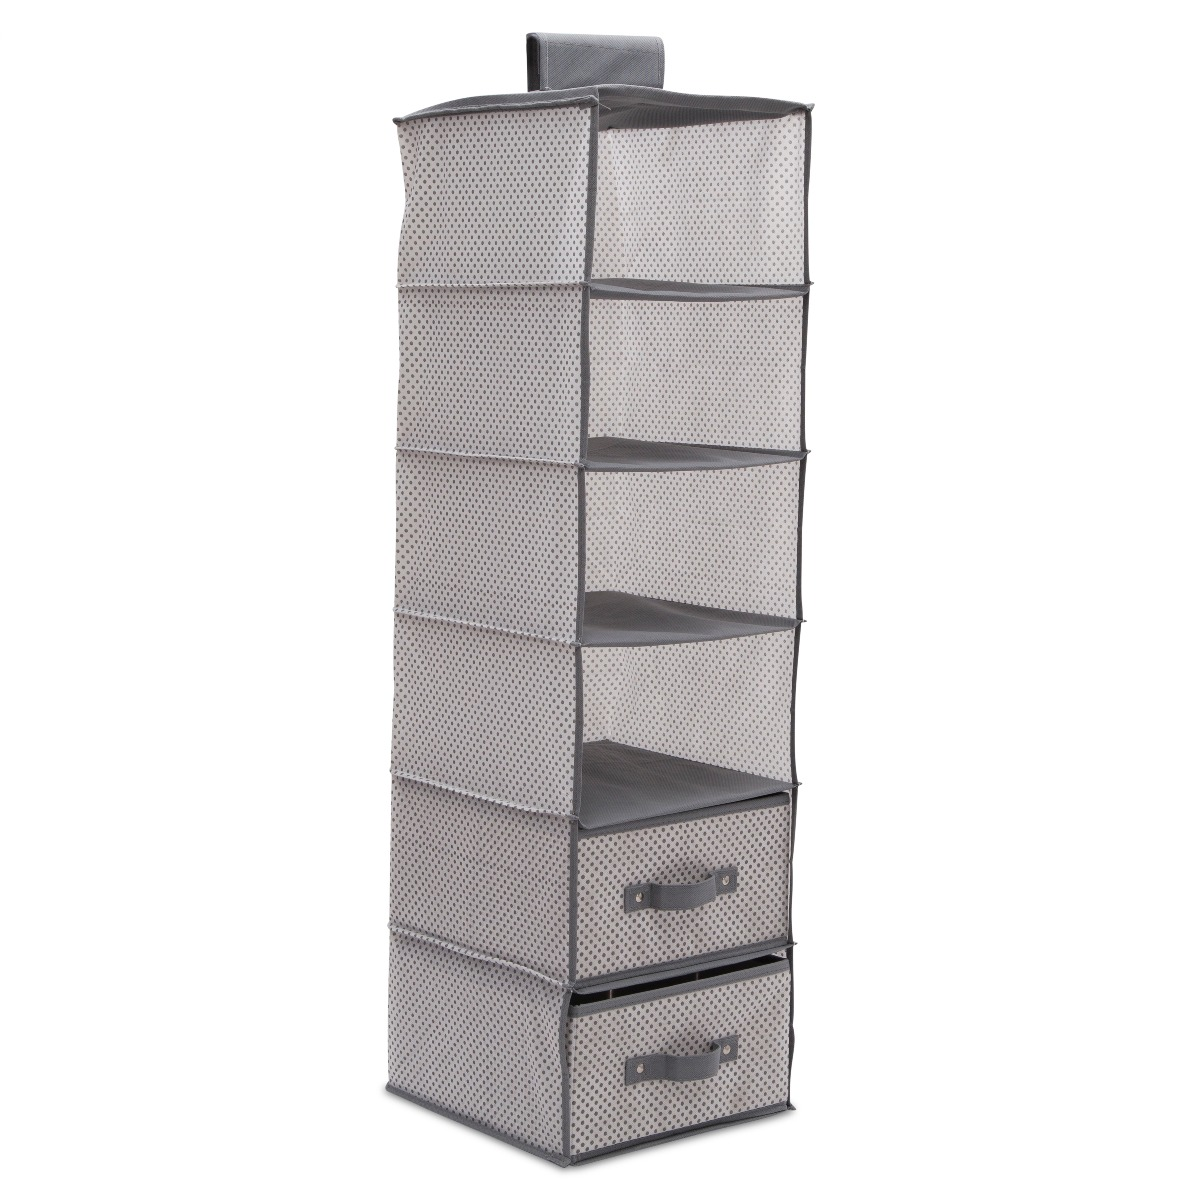 6 Shelf Storage with 2 Drawers - Cool Grey